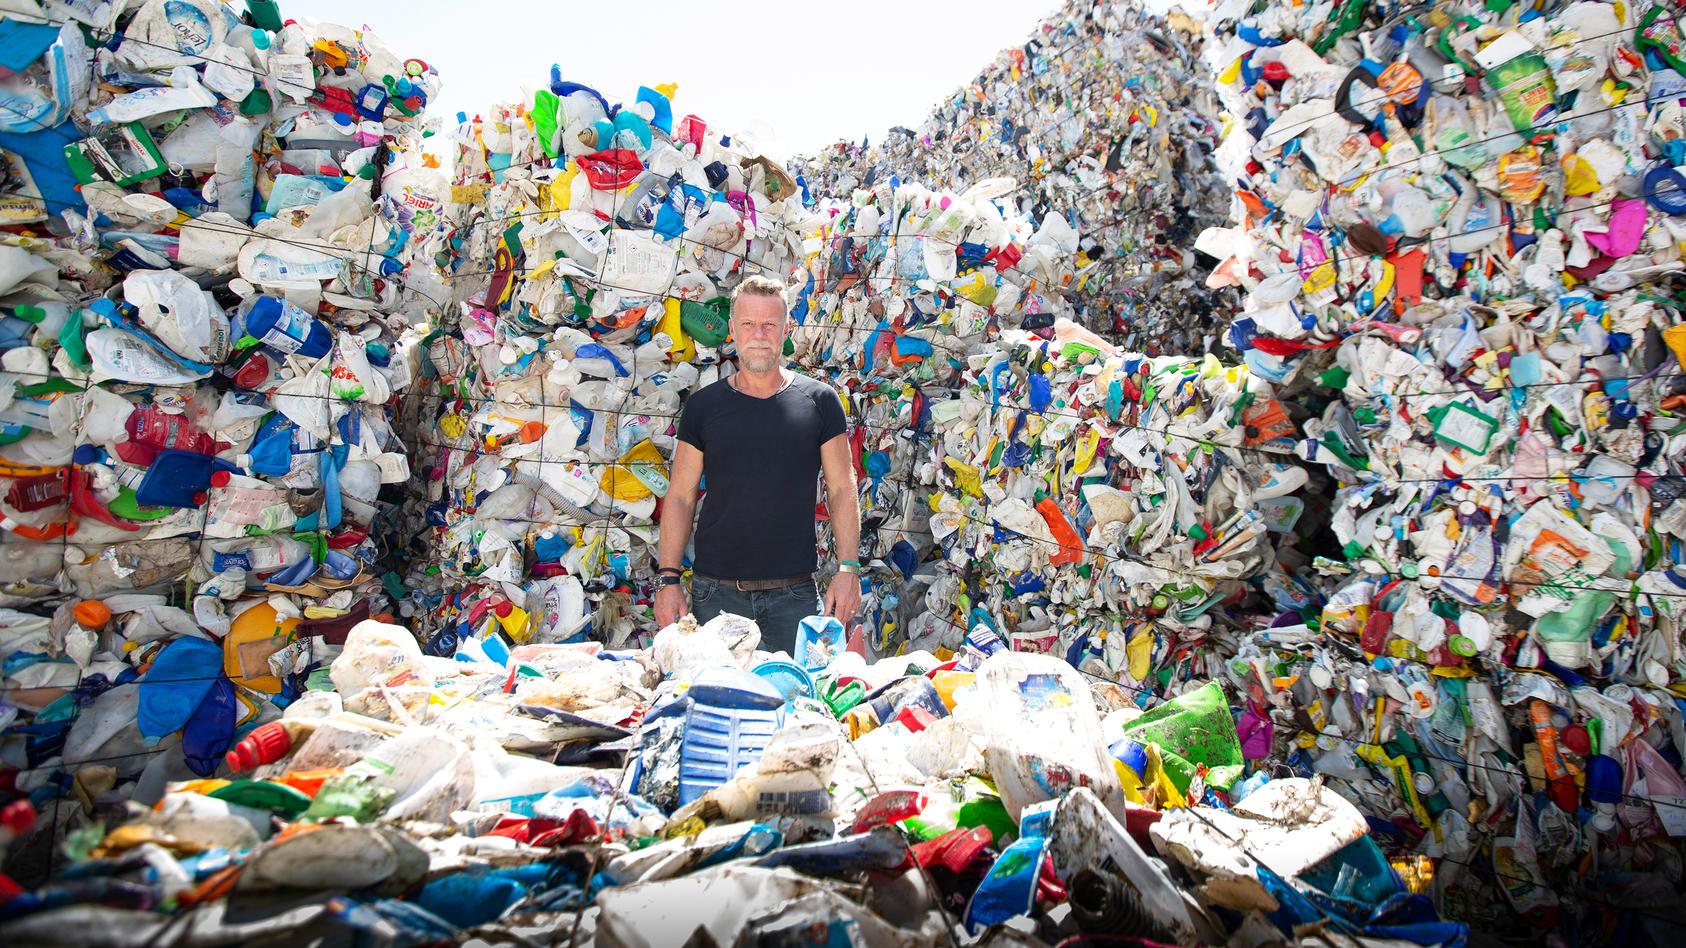 Extrem-Reporter Jenke von Wilmsdorff will gegen den Plastikmüll kämpfen.